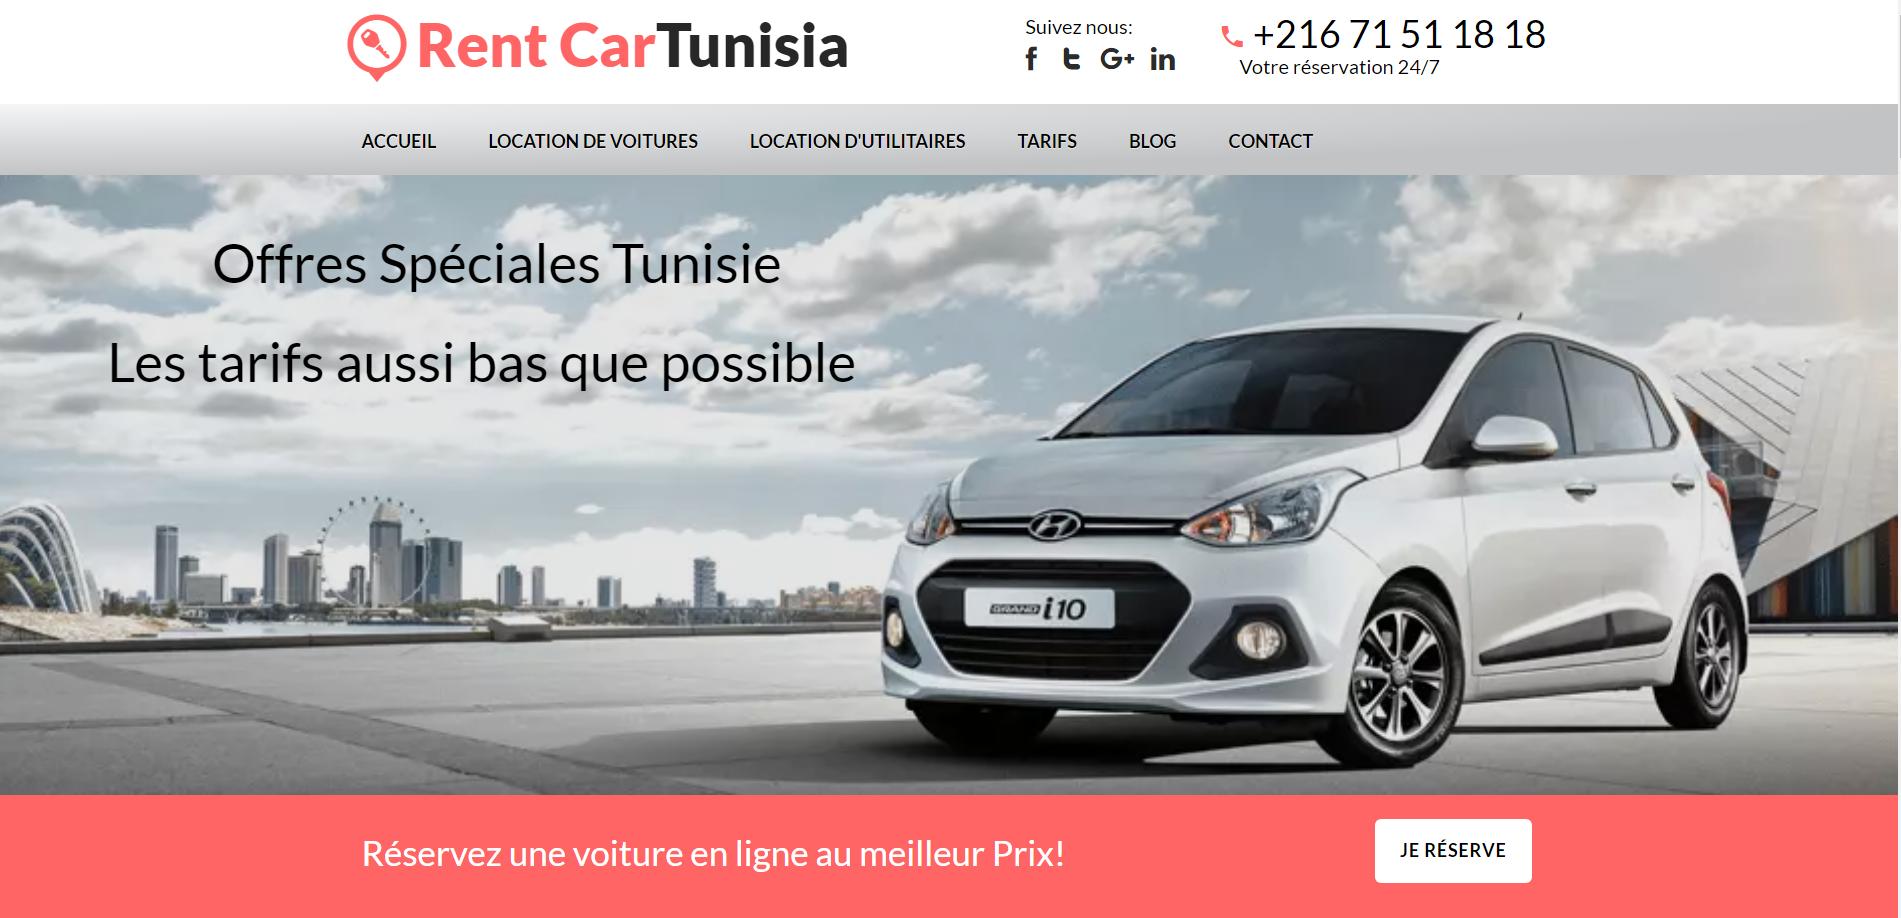 rentcar-tunisia